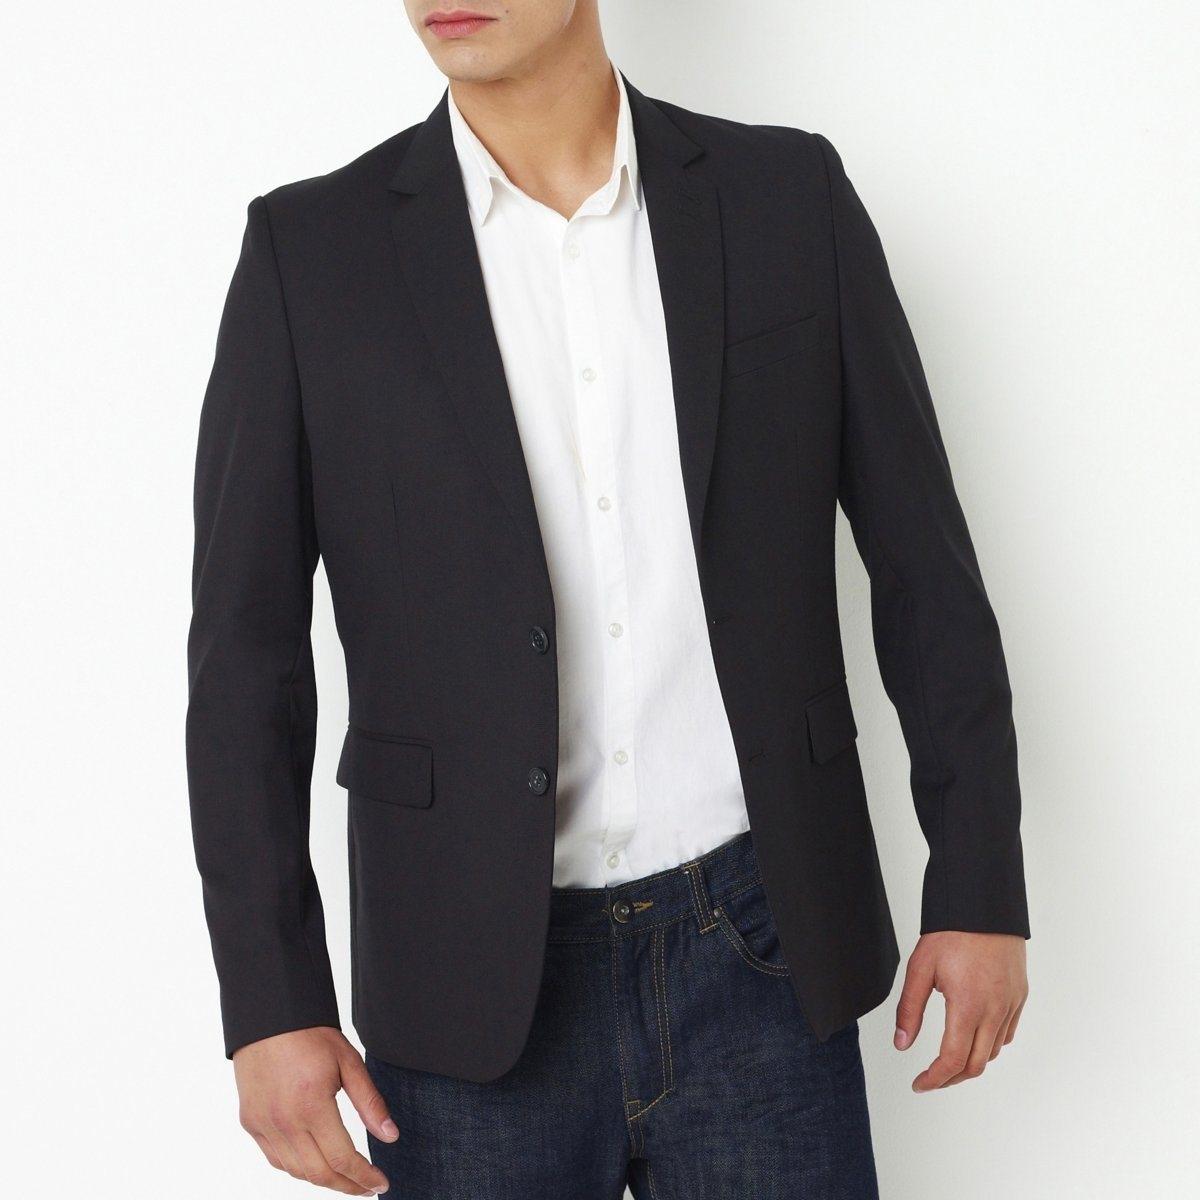 Пиджак костюмныйКостюмный пиджак. 70 % полиэстера, 30 % вискозы. Прямой покрой. Застежка на 2 пуговицы. 2 обшитые пуговичные петли на отвороте воротника. Тонкие подплечники. 2 вытачки спереди.   2 кармана с клапаном + 1 нагрудный карман. 2 внутренних кармана. Шлица сзади по центру. На подкладке. Дл. 77 см.<br><br>Цвет: темно-синий,черный<br>Размер: 42.42.44.48.50.52.56.44.48.54.52